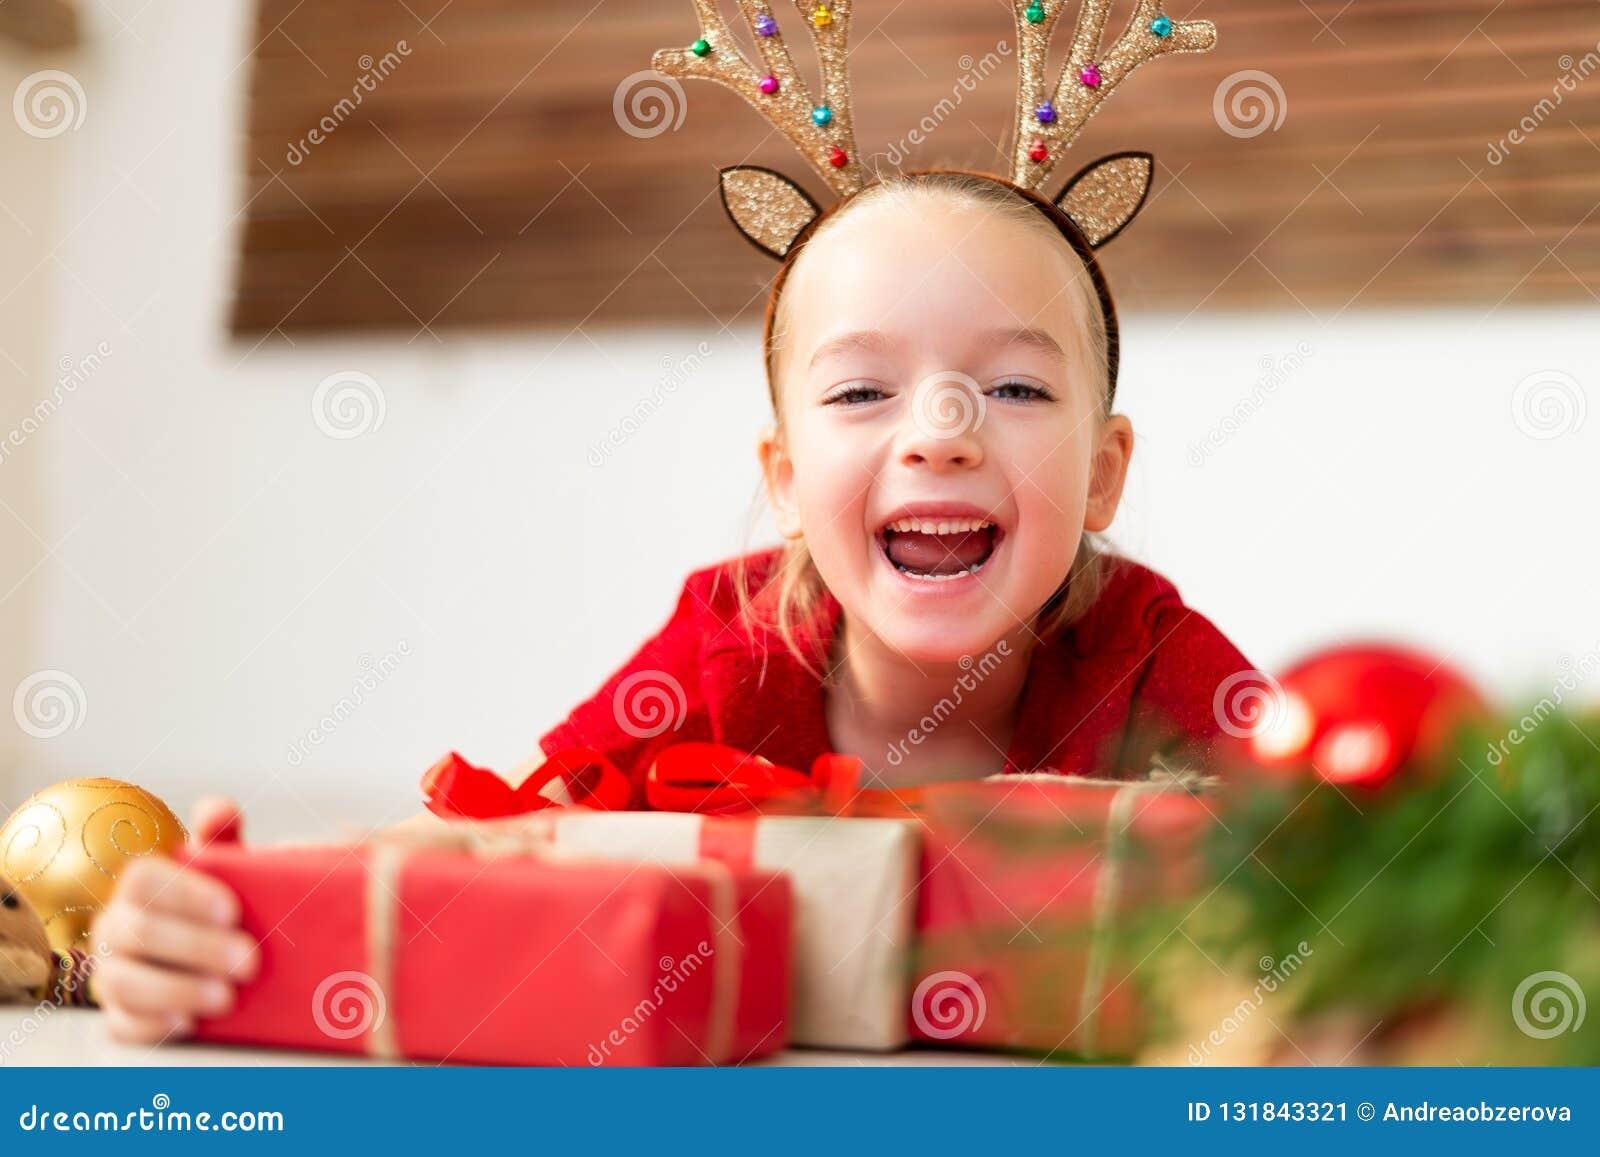 Antlers северного оленя костюма милой маленькой девочки нося лежа на поле, окруженном к много подарков на рождество, кричащих с у